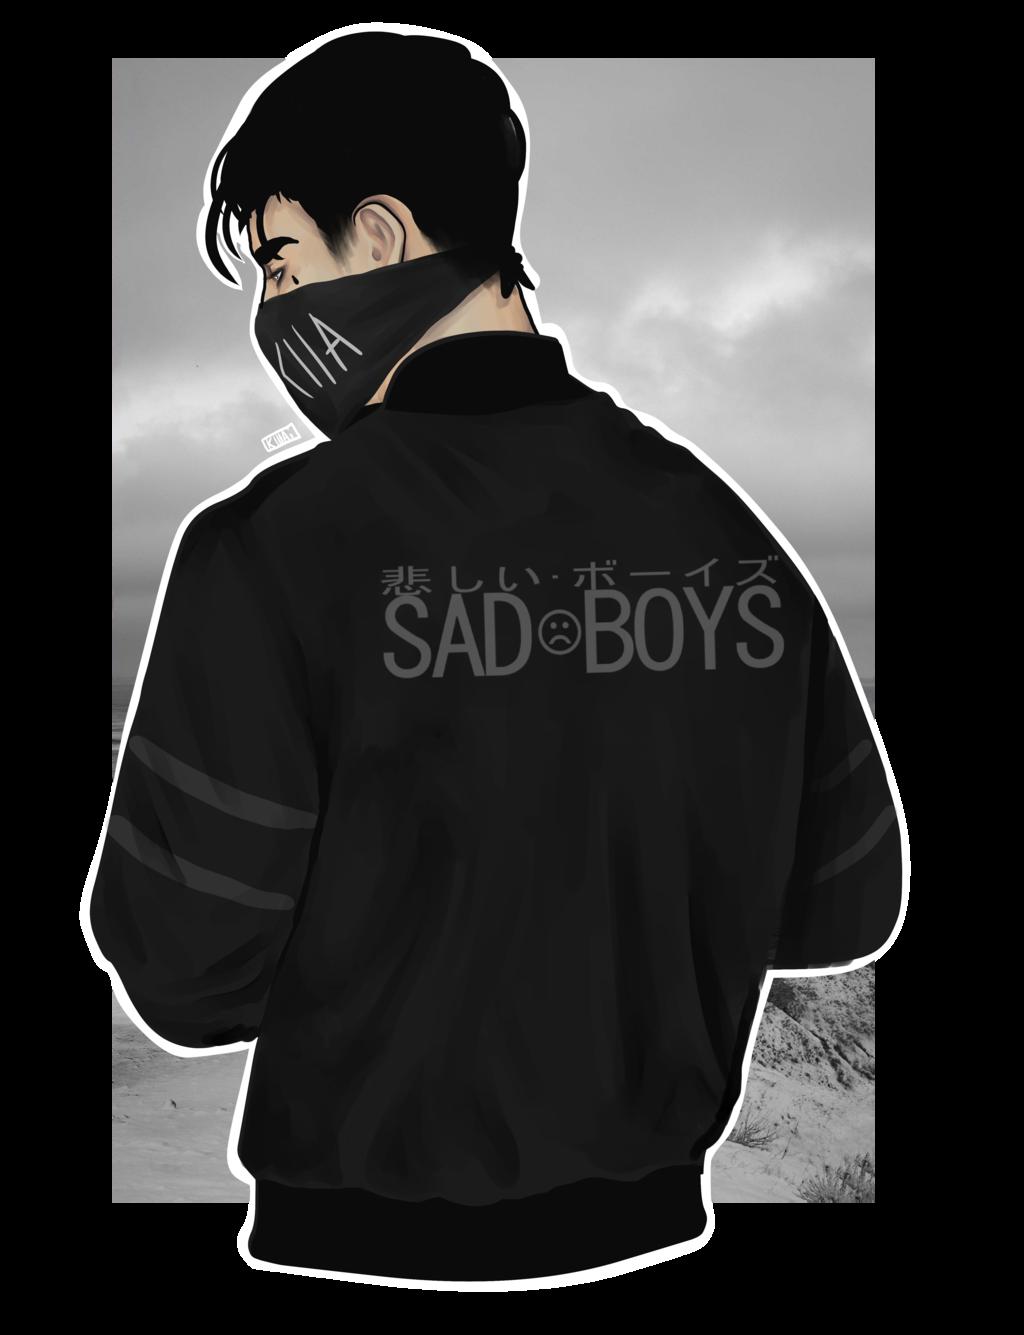 PNG Sad Boy - 70896